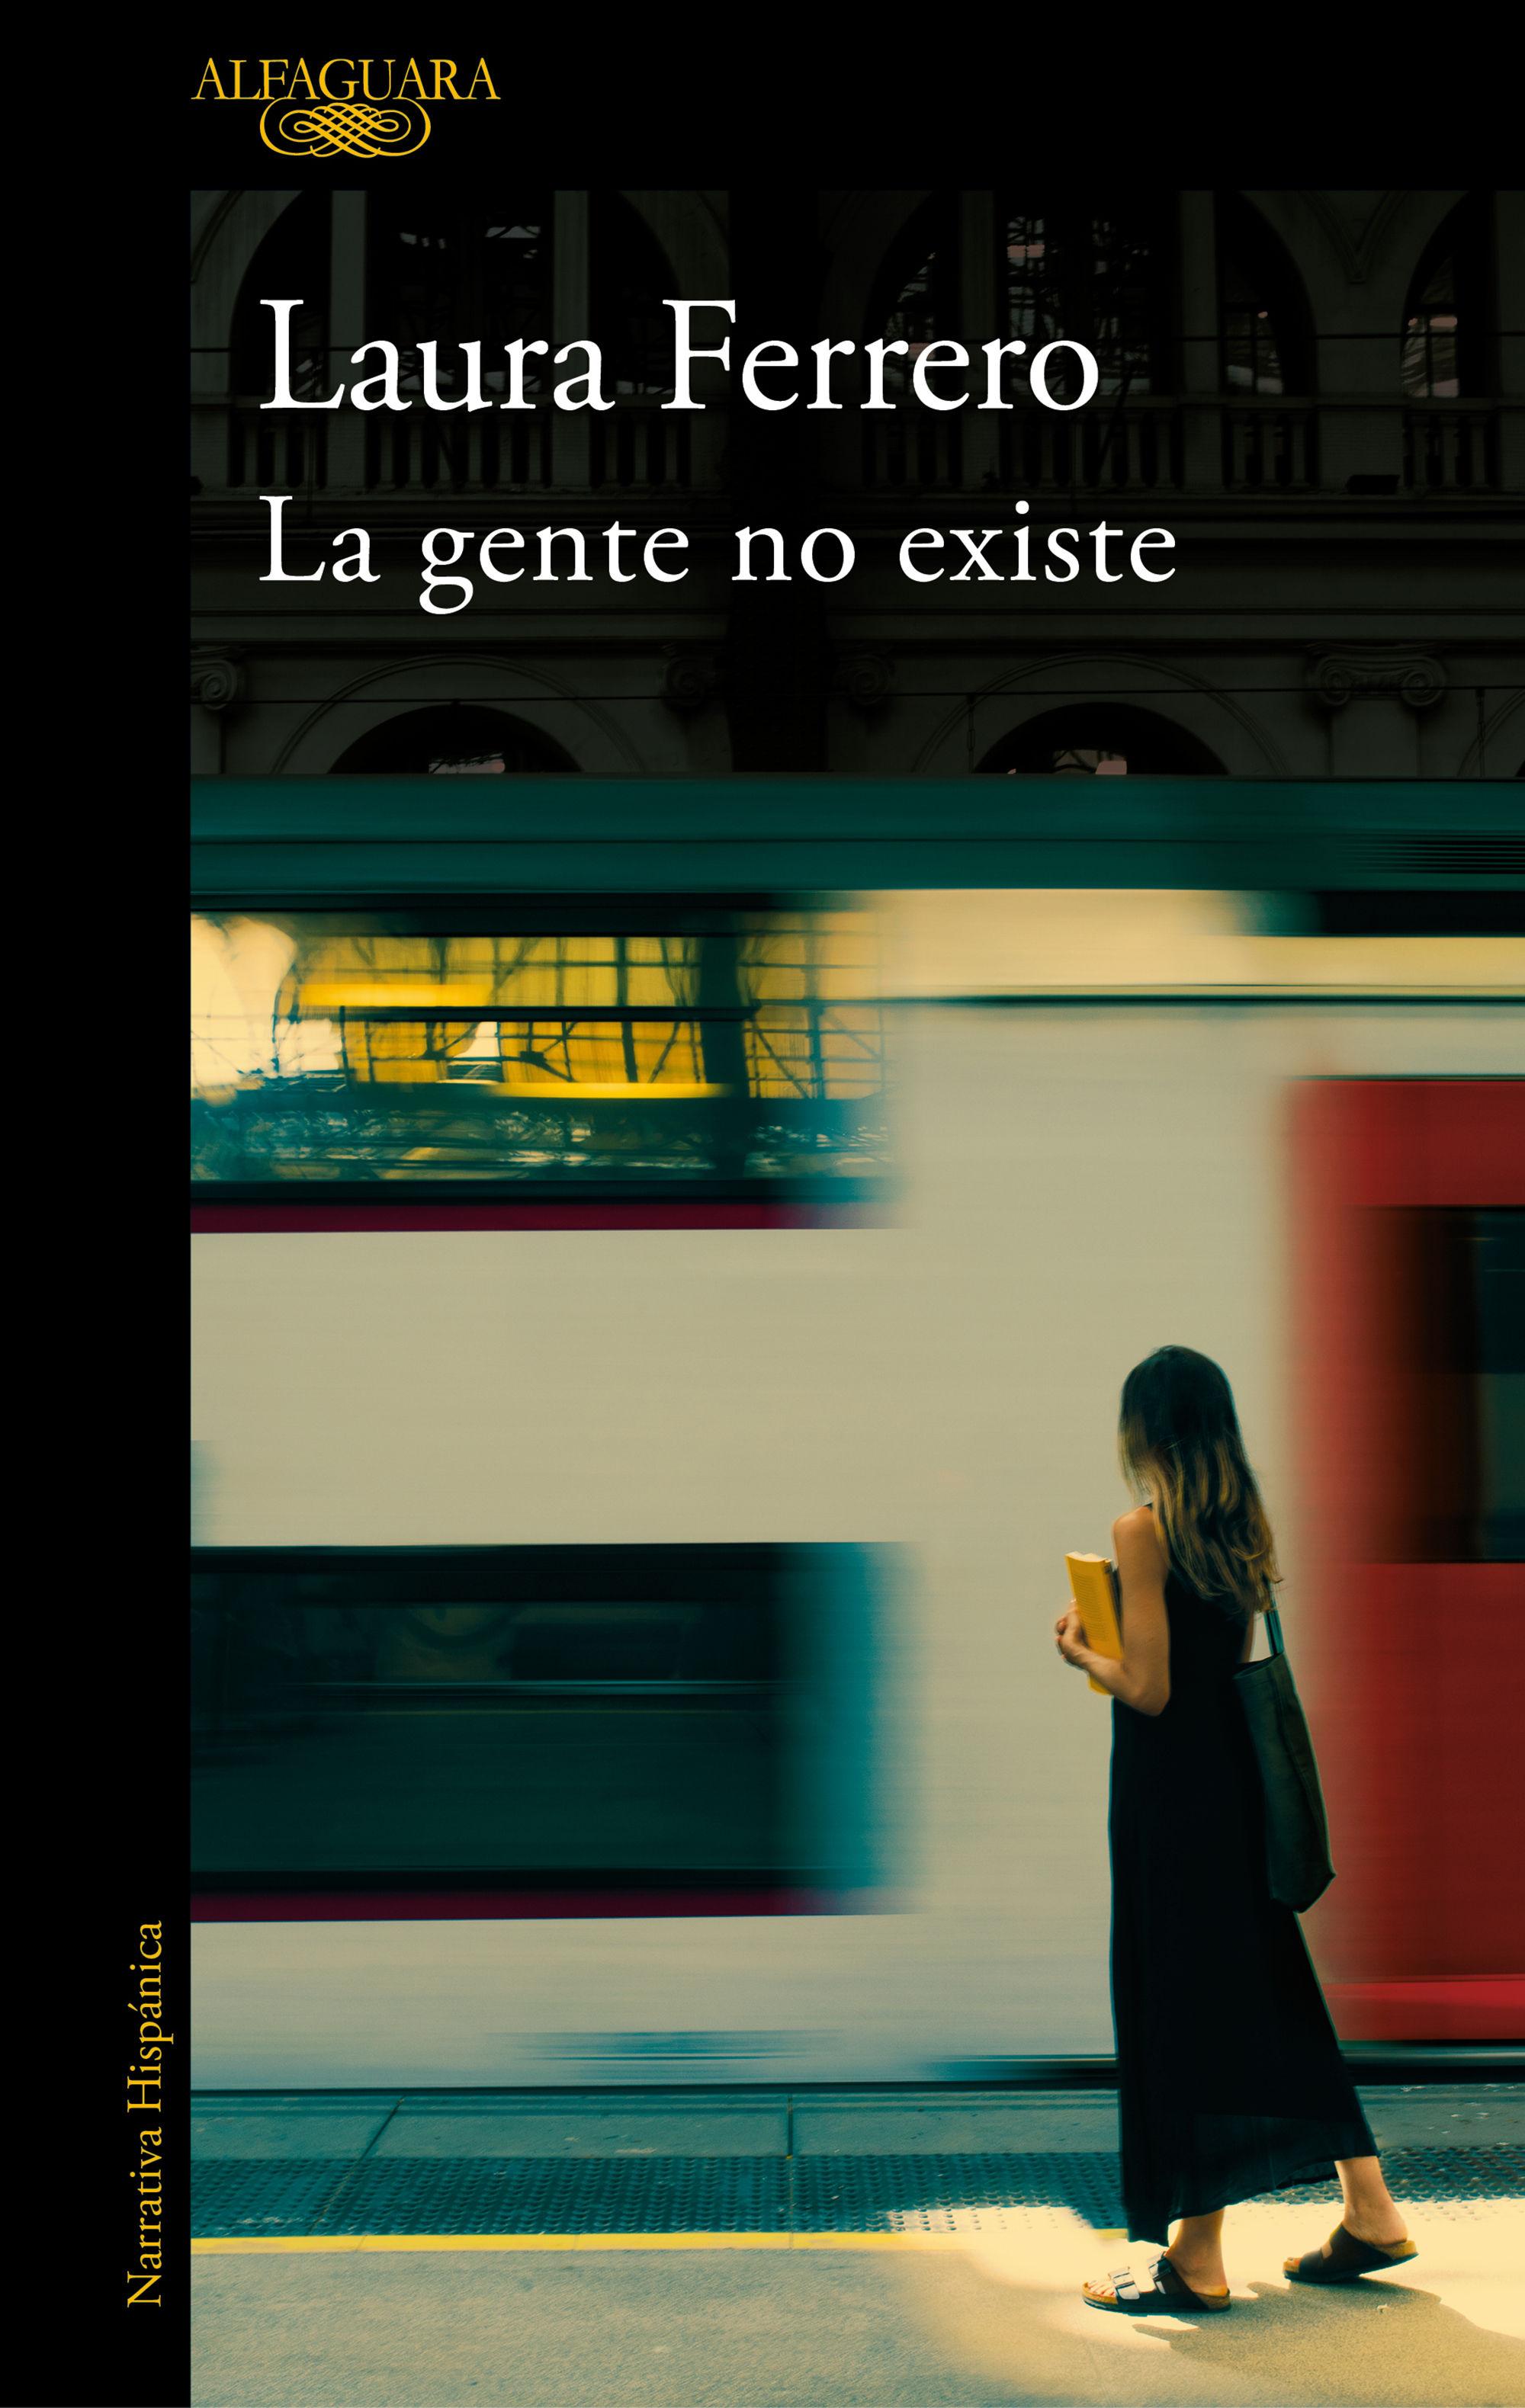 GENTE NO EXISTE LA